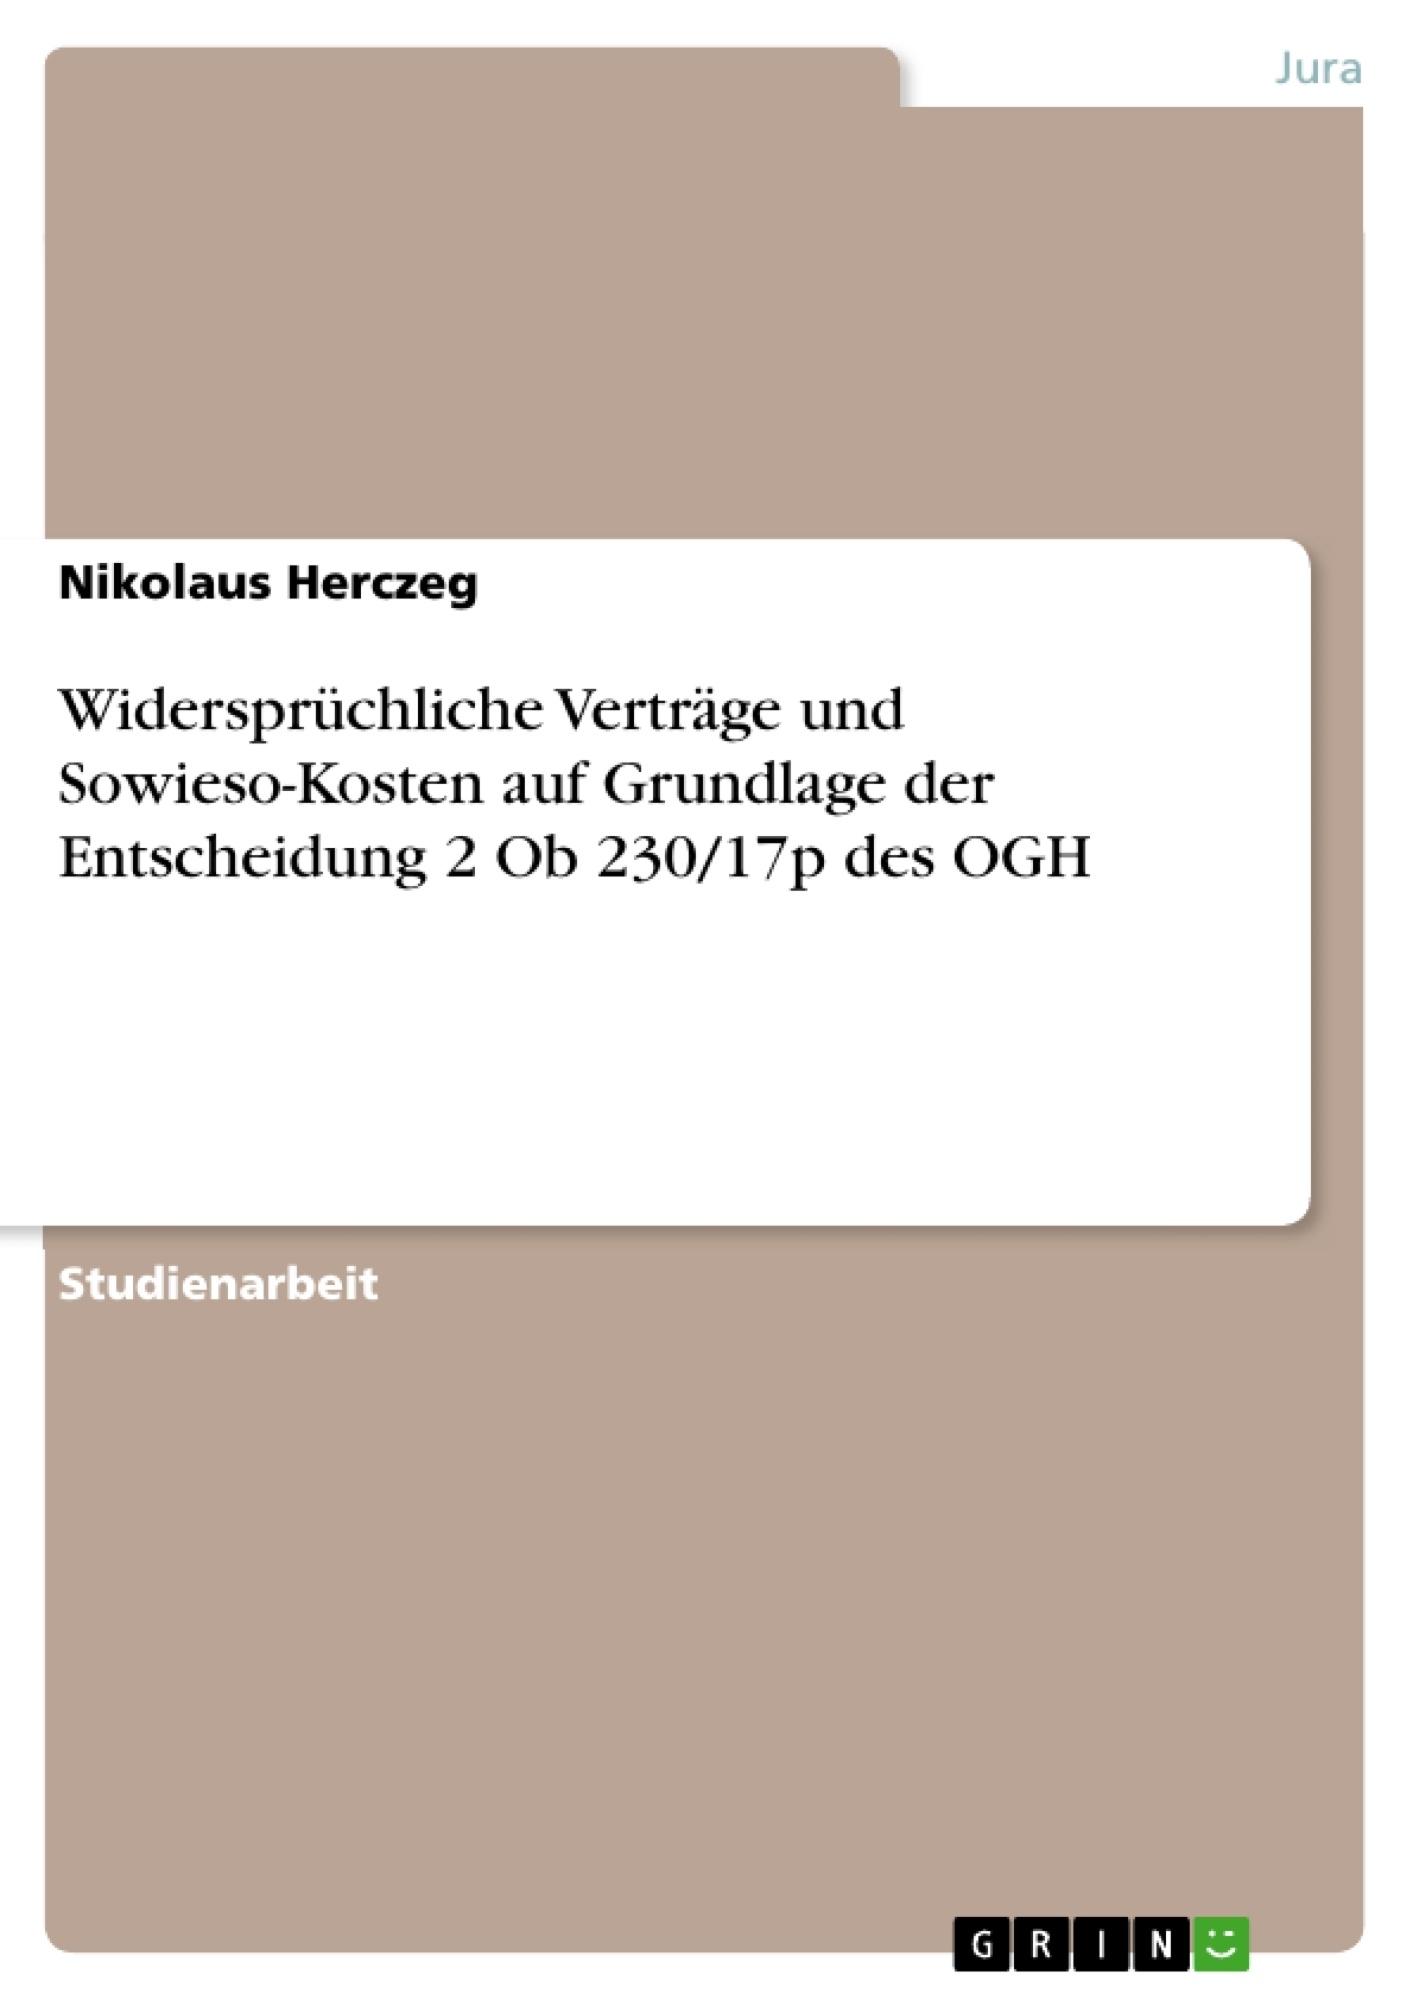 Titel: Widersprüchliche Verträge und Sowieso-Kosten auf Grundlage der Entscheidung 2 Ob 230/17p des OGH